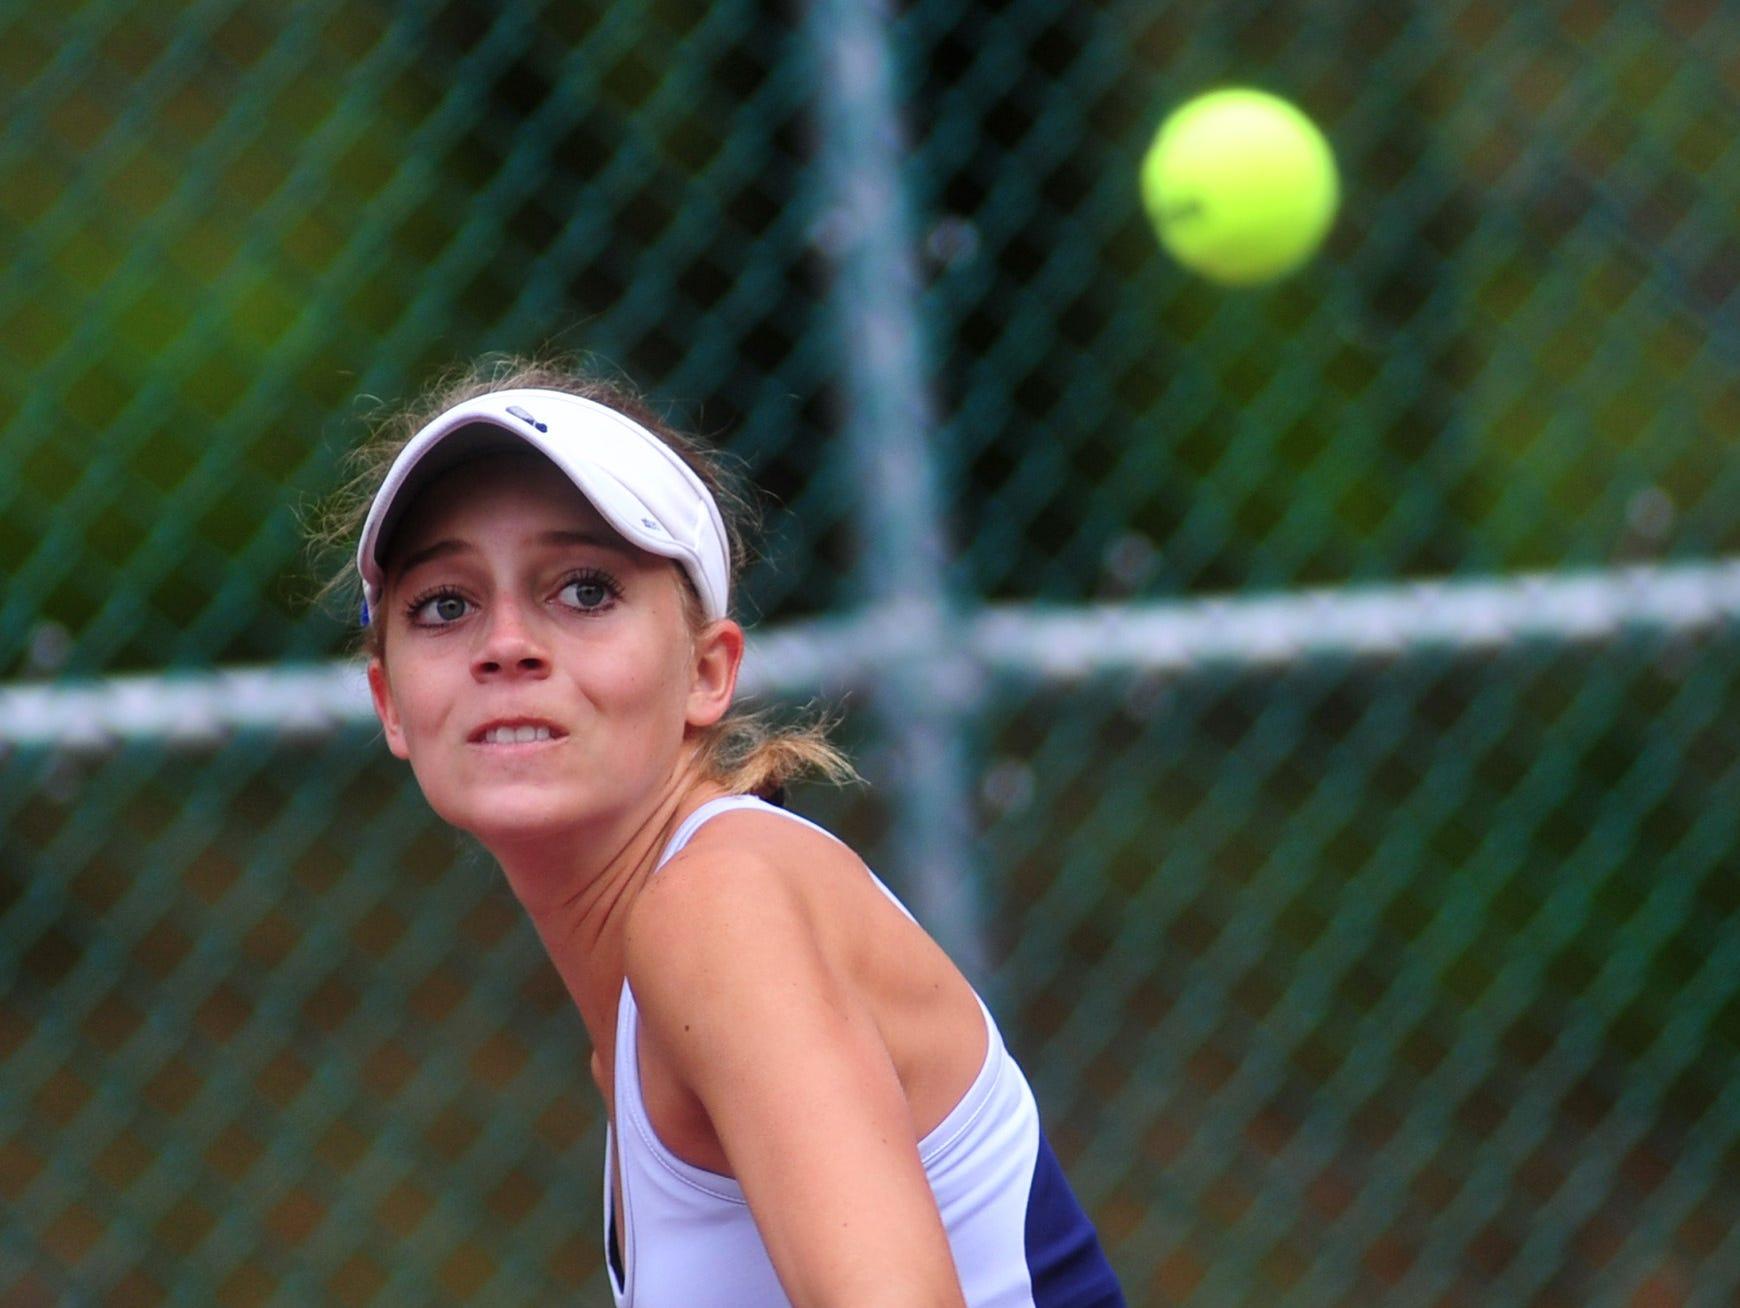 Lauren Hassell of Mendham